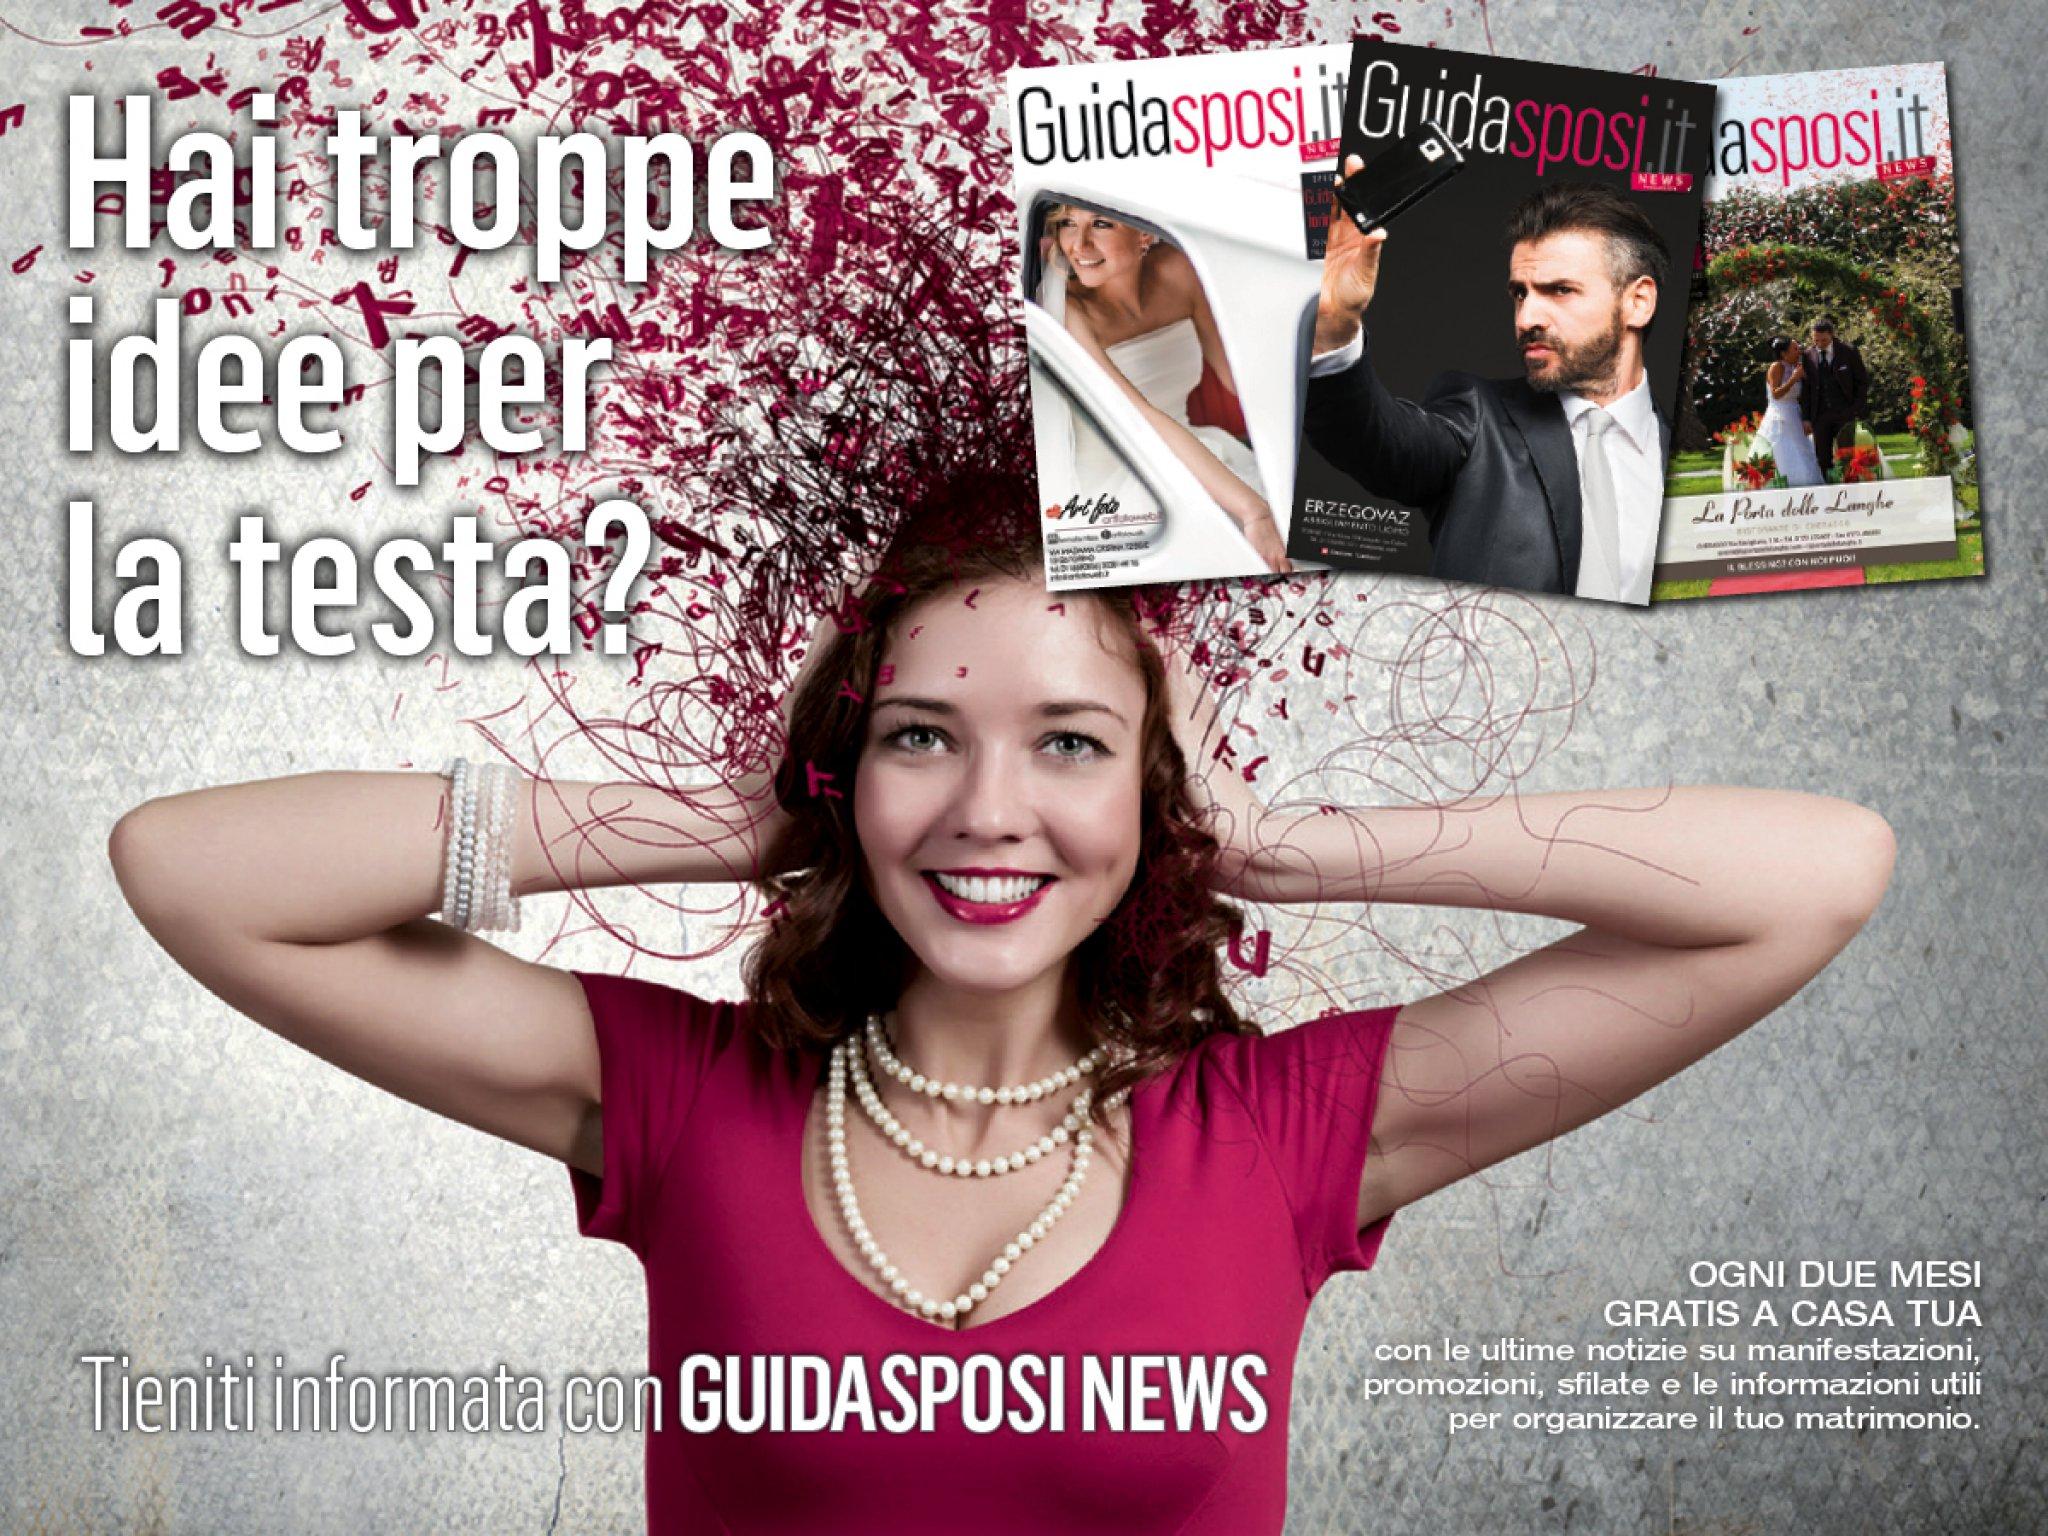 Guidasposi News il bimestrale utile per l'organizzazione del matrimonio in Piemonte